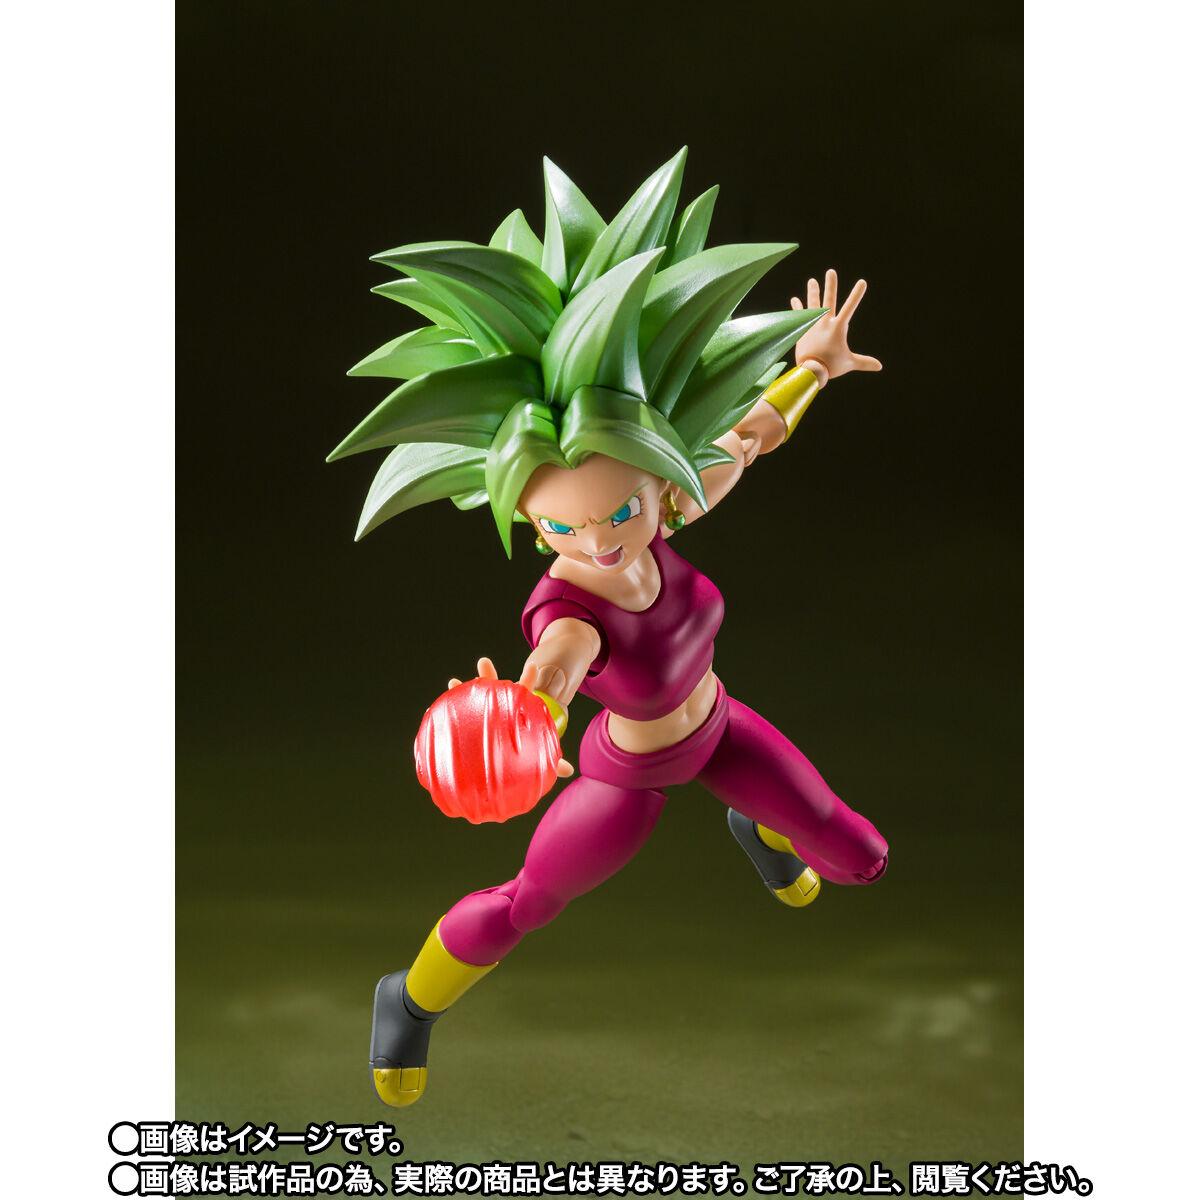 【限定販売】S.H.Figuarts『スーパーサイヤ人ケフラ』ドラゴンボール超 可動フィギュア-006